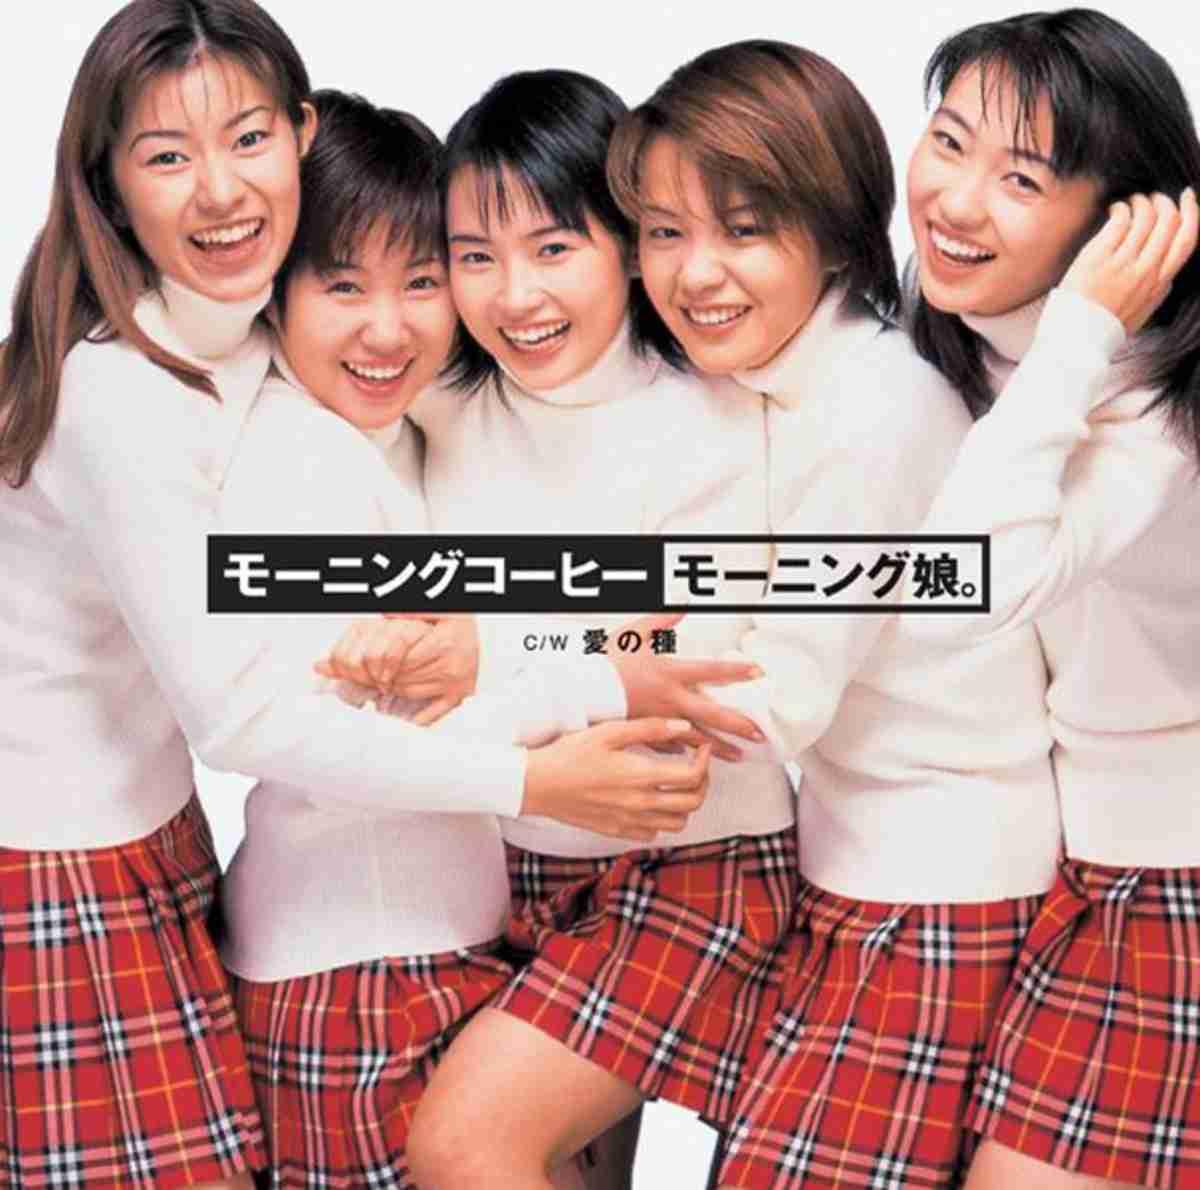 モーニング娘。'17 デビュー曲「モーニングコーヒー」を「モーニングみそ汁」にリメーク 中澤裕子から「誇りに思って」